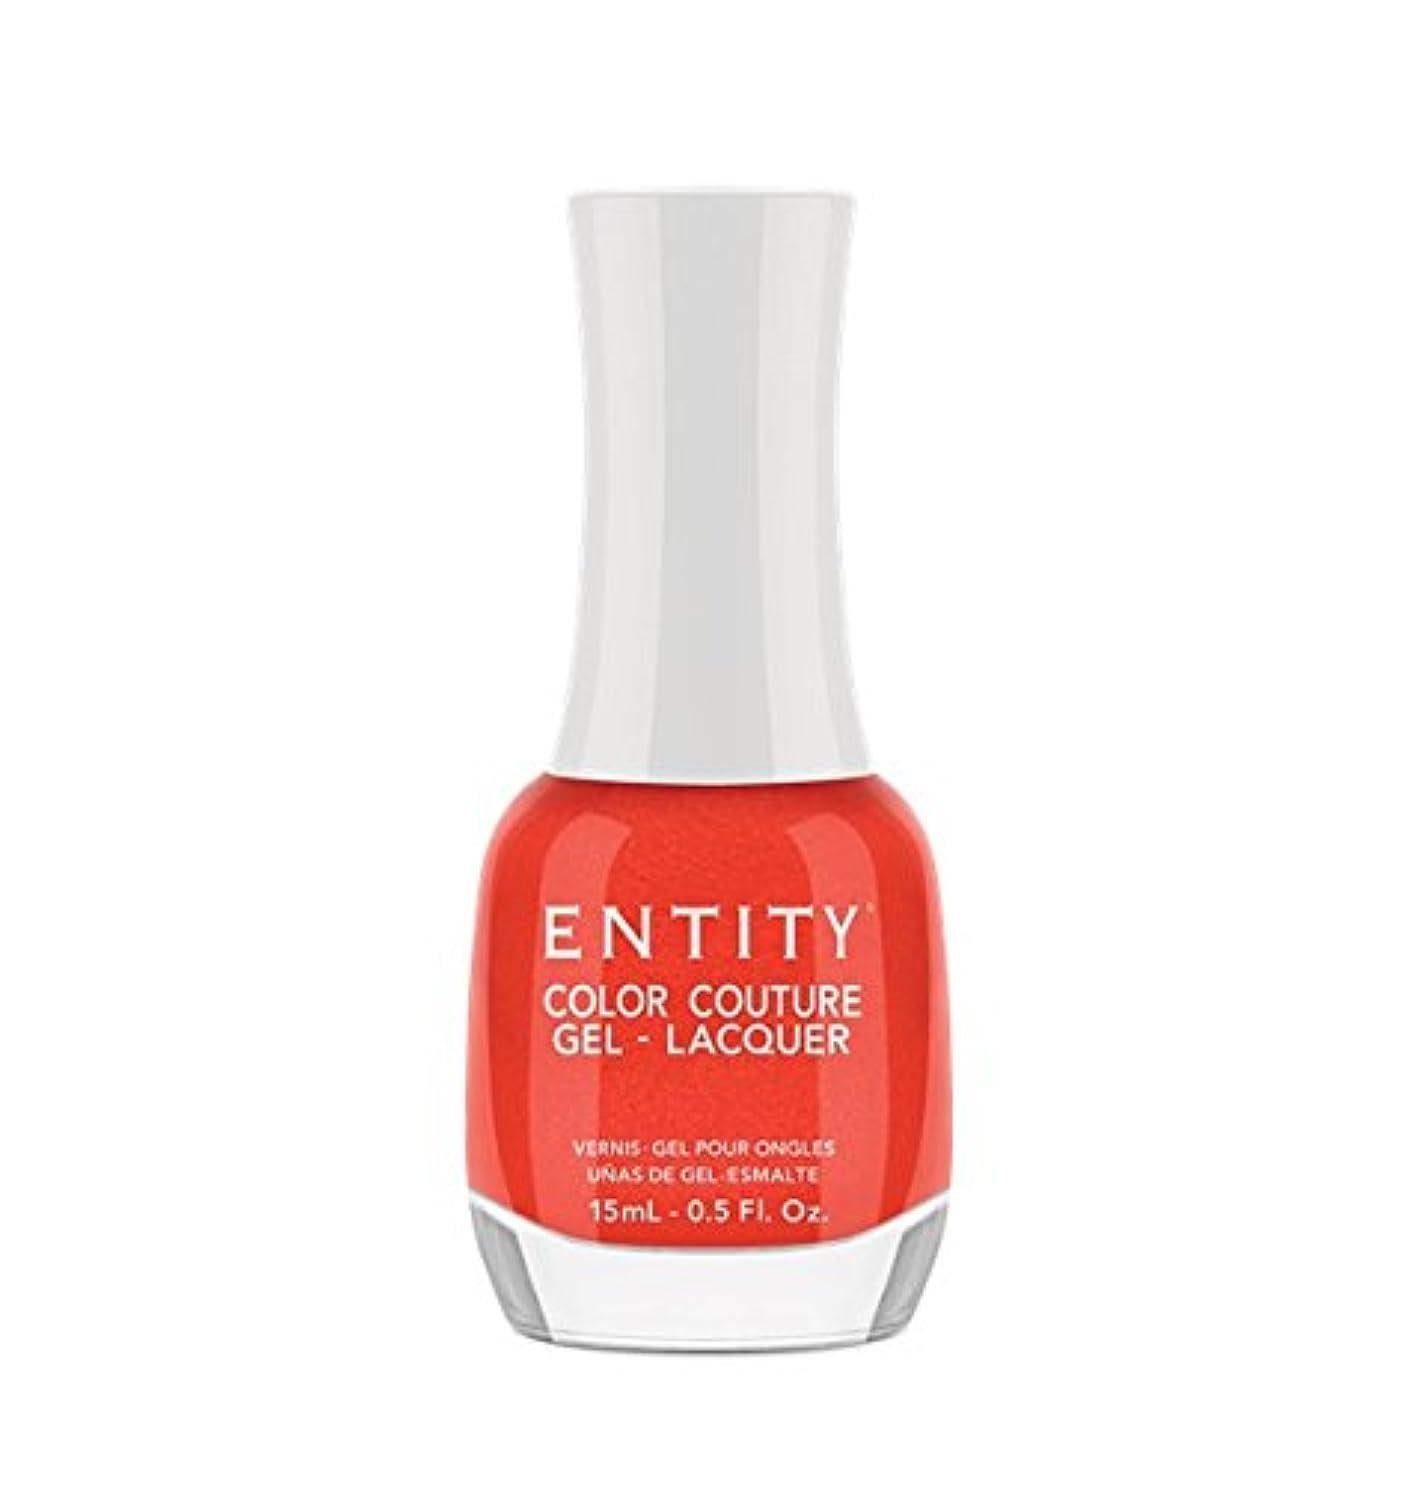 発音優勢かごEntity Color Couture Gel-Lacquer - Divalicious - 15 ml/0.5 oz